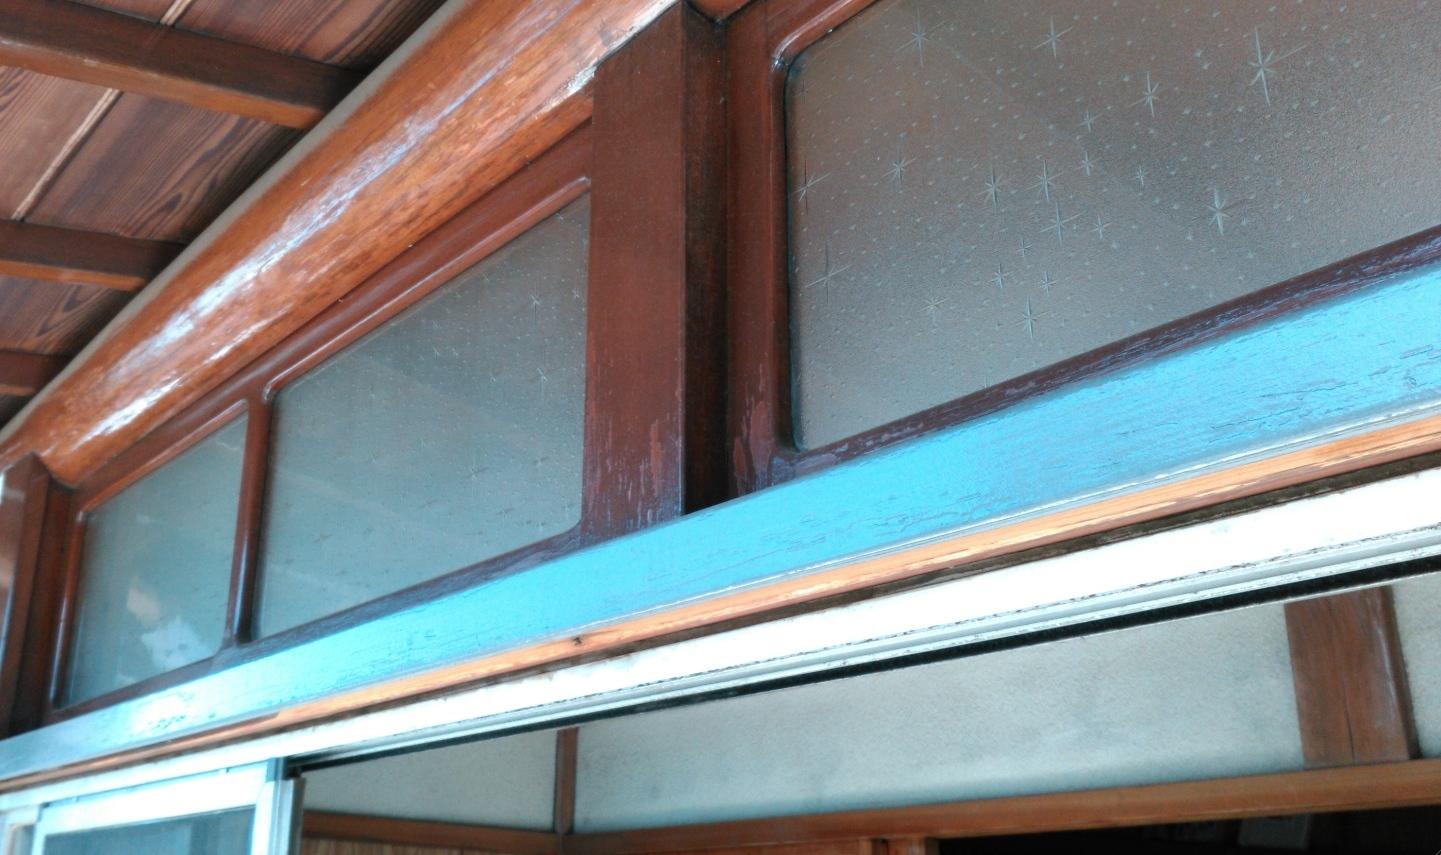 『サッシ交換』工事と台風対策としての『強化ガラス取付』工事 モリス正規販売店のブライト_c0157866_18135469.jpg